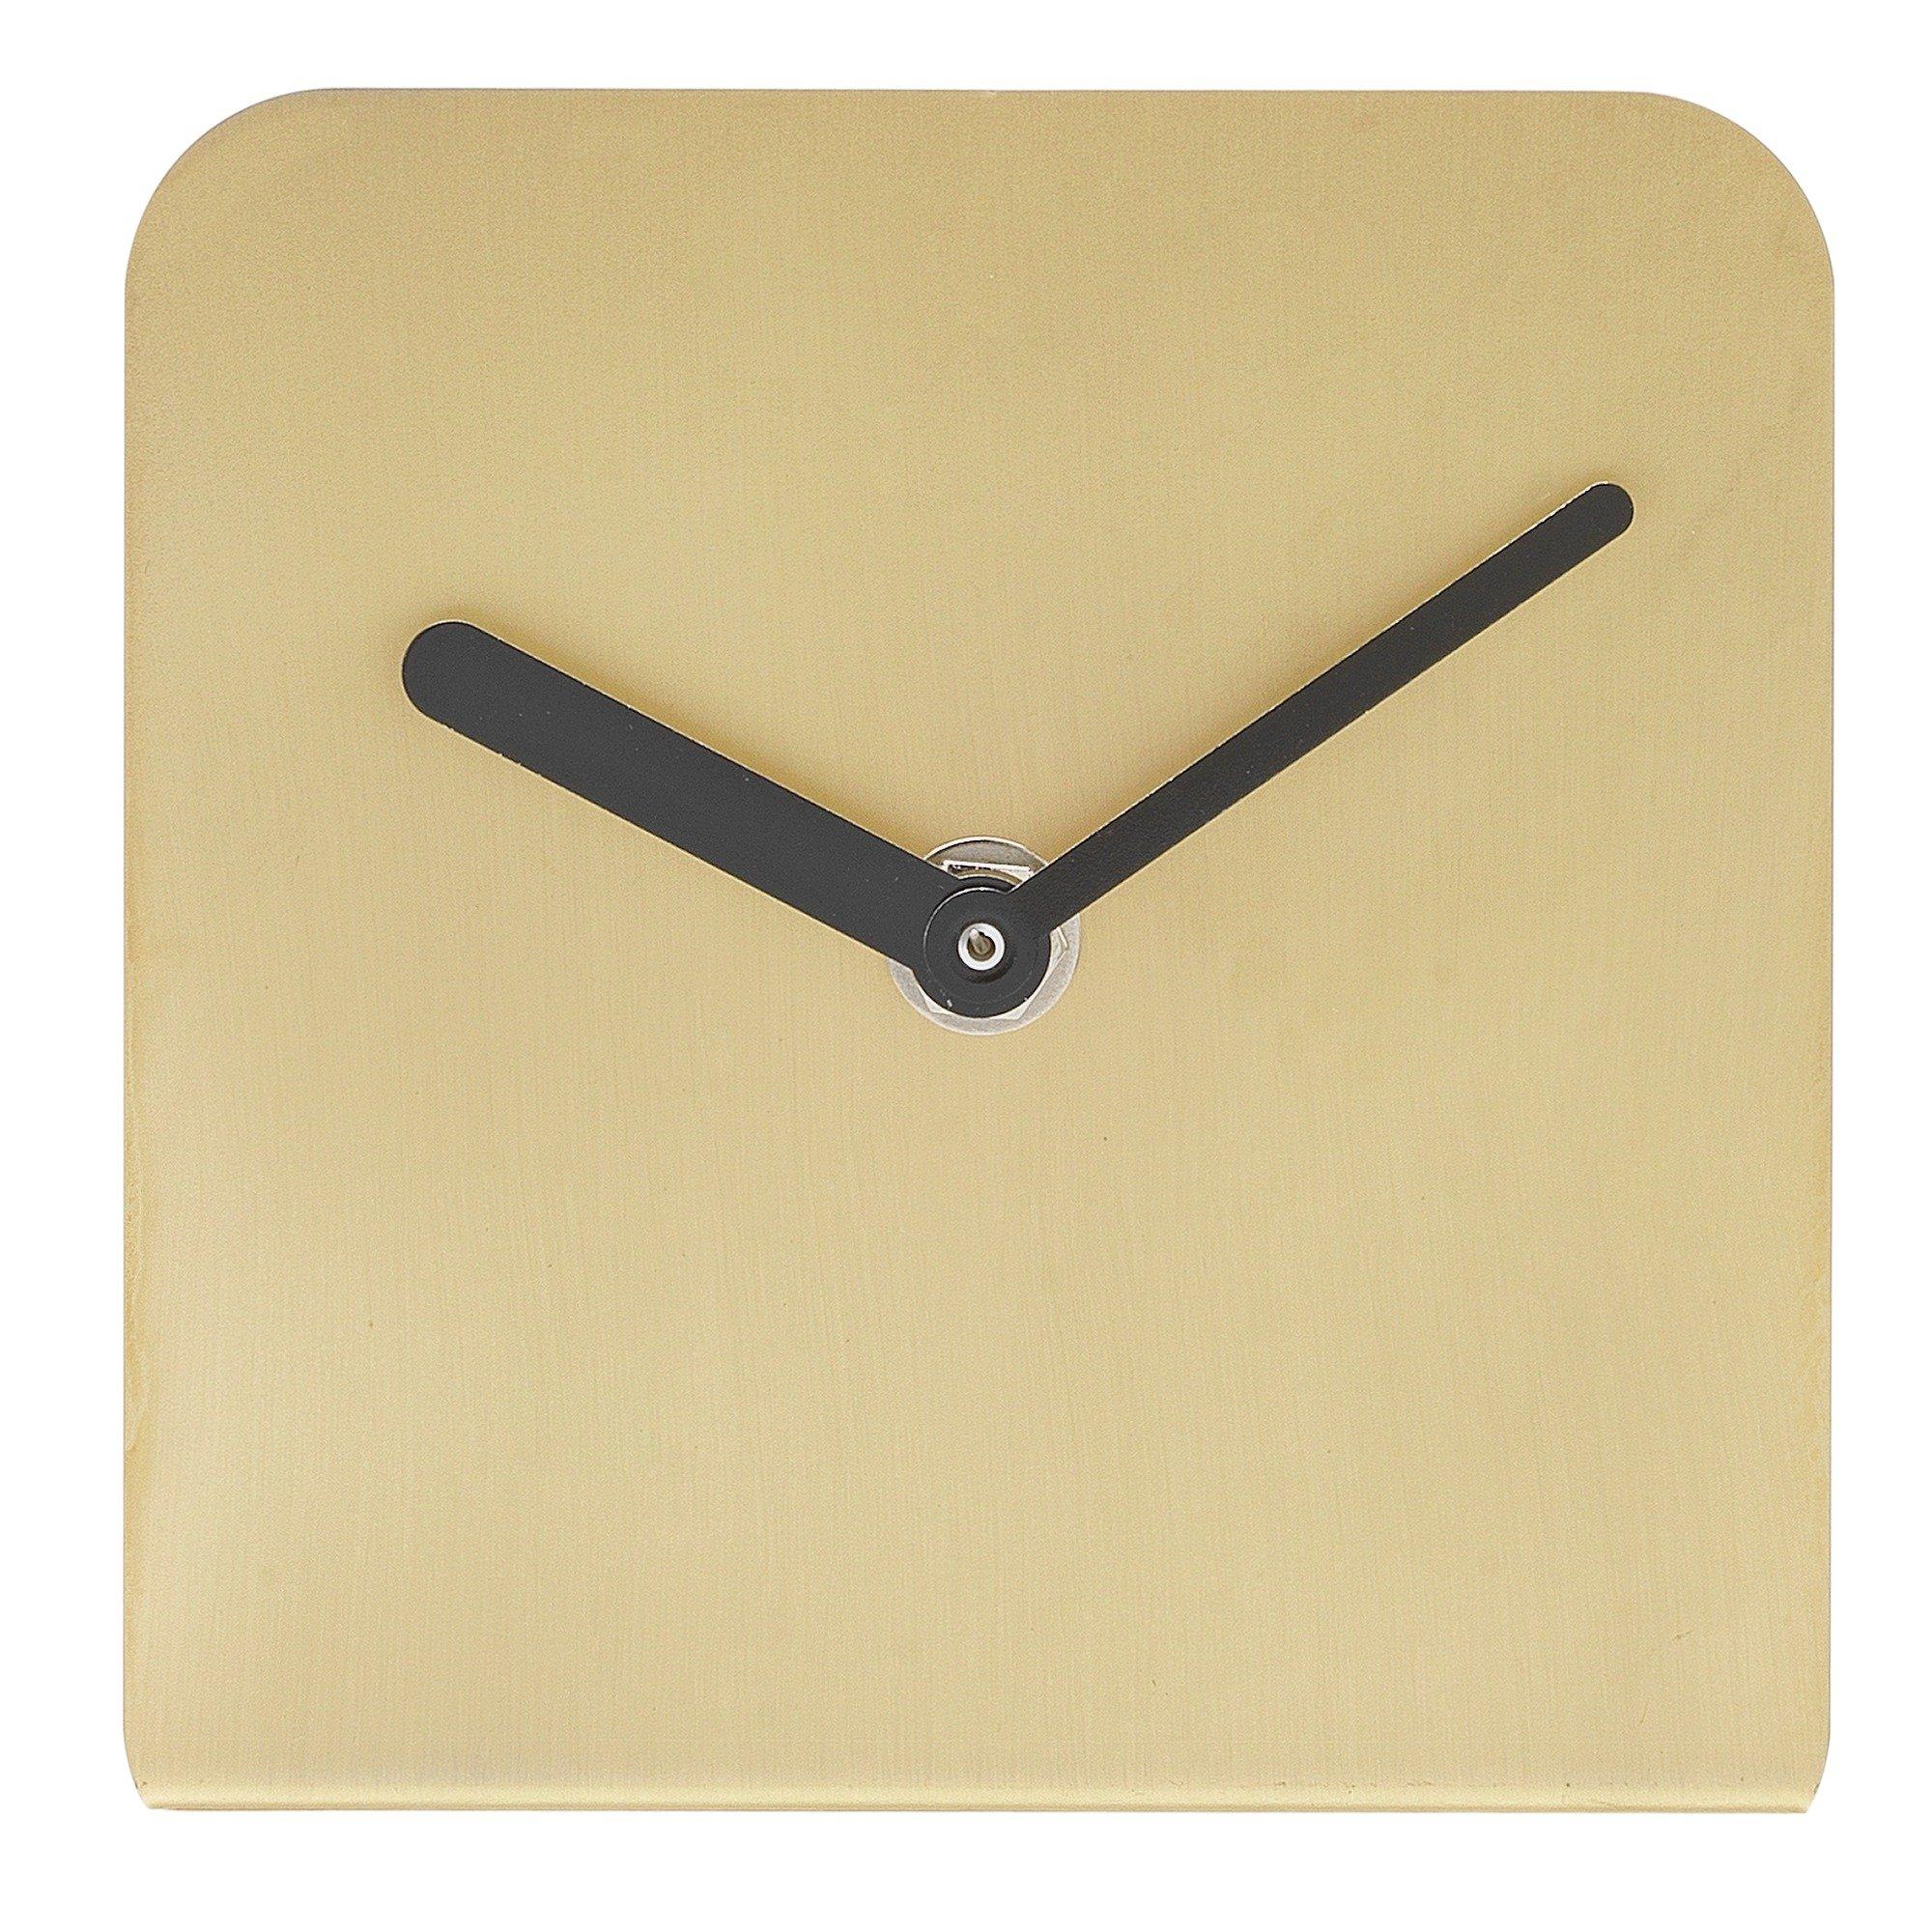 Argos seiko mantel clock